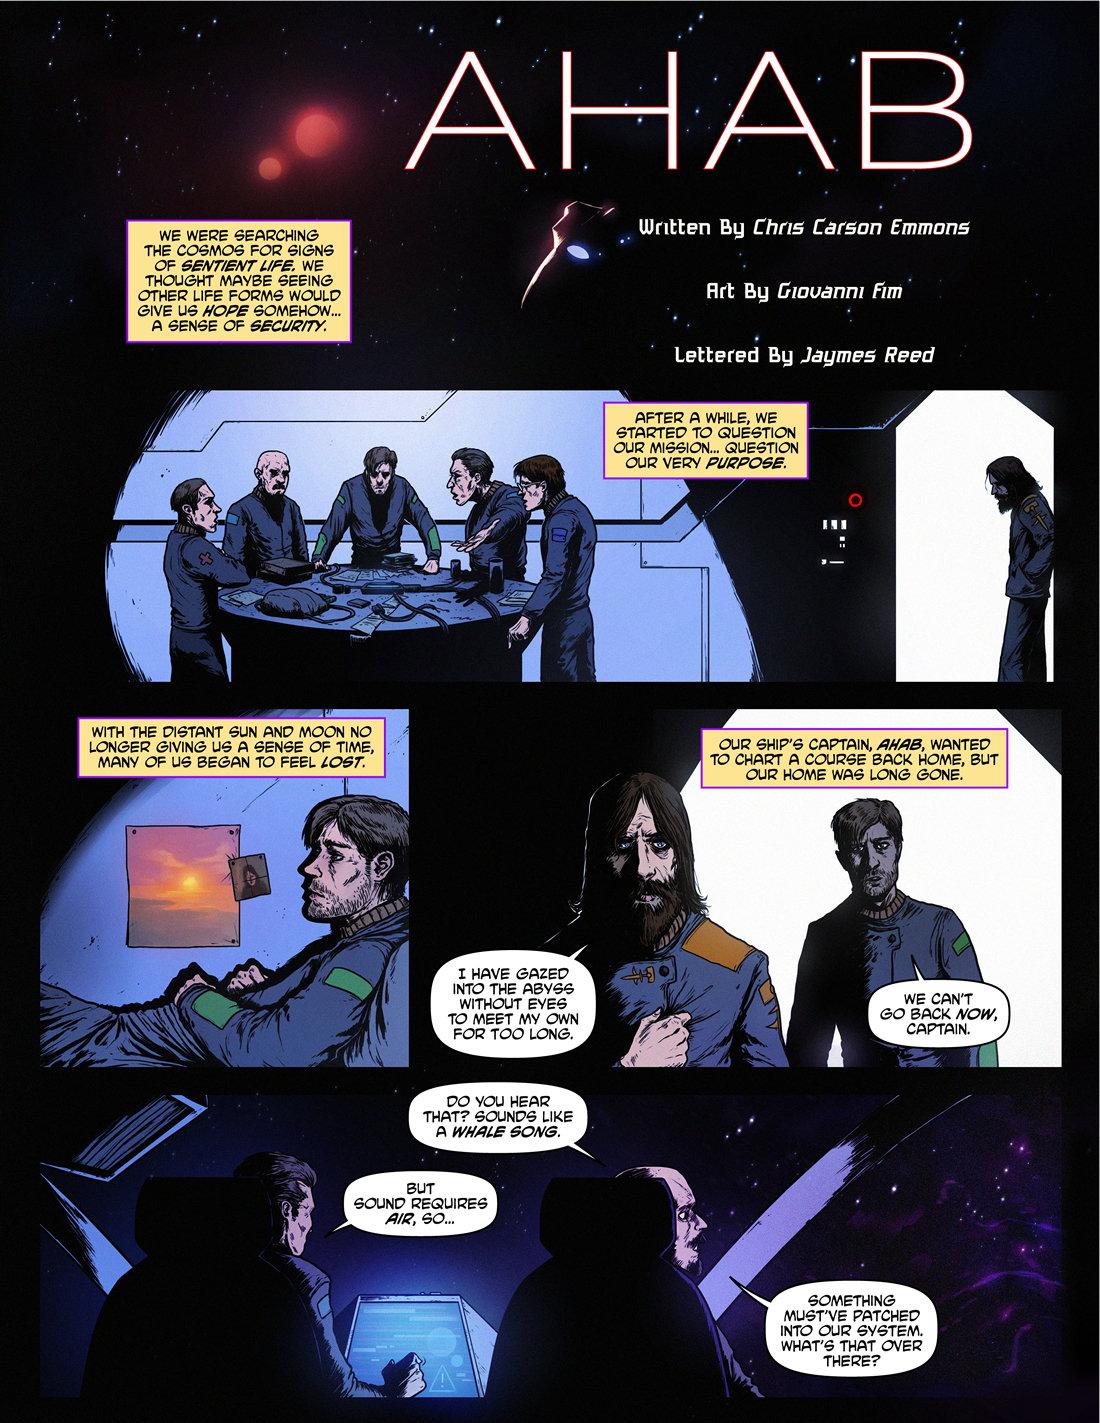 Ahab_Page 01.jpg